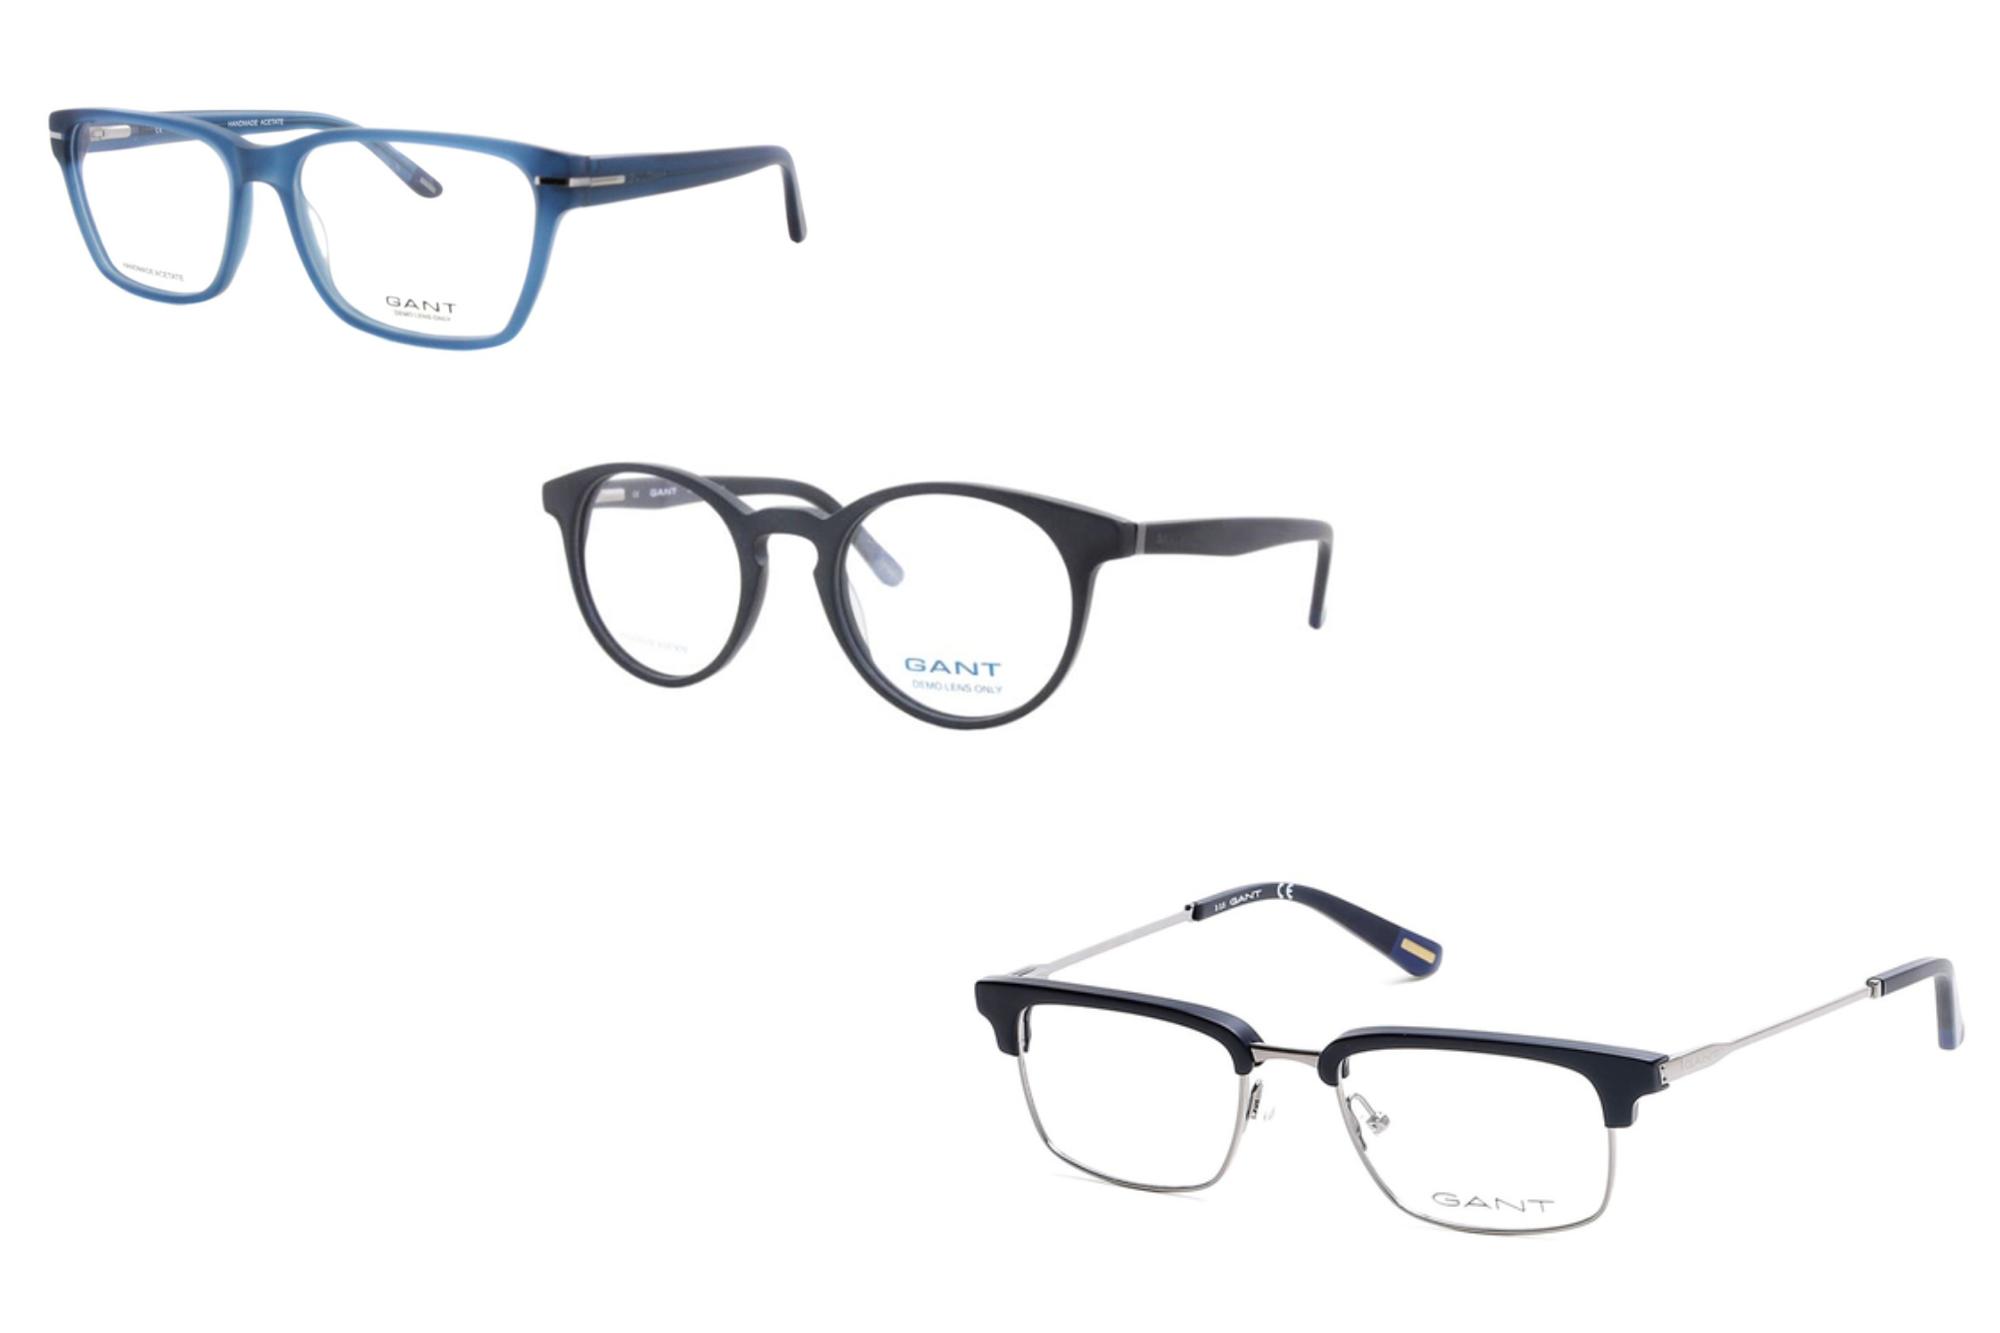 Introducing Gant Eyewear by Danielwalters.com - Daniel Walters Eyewear